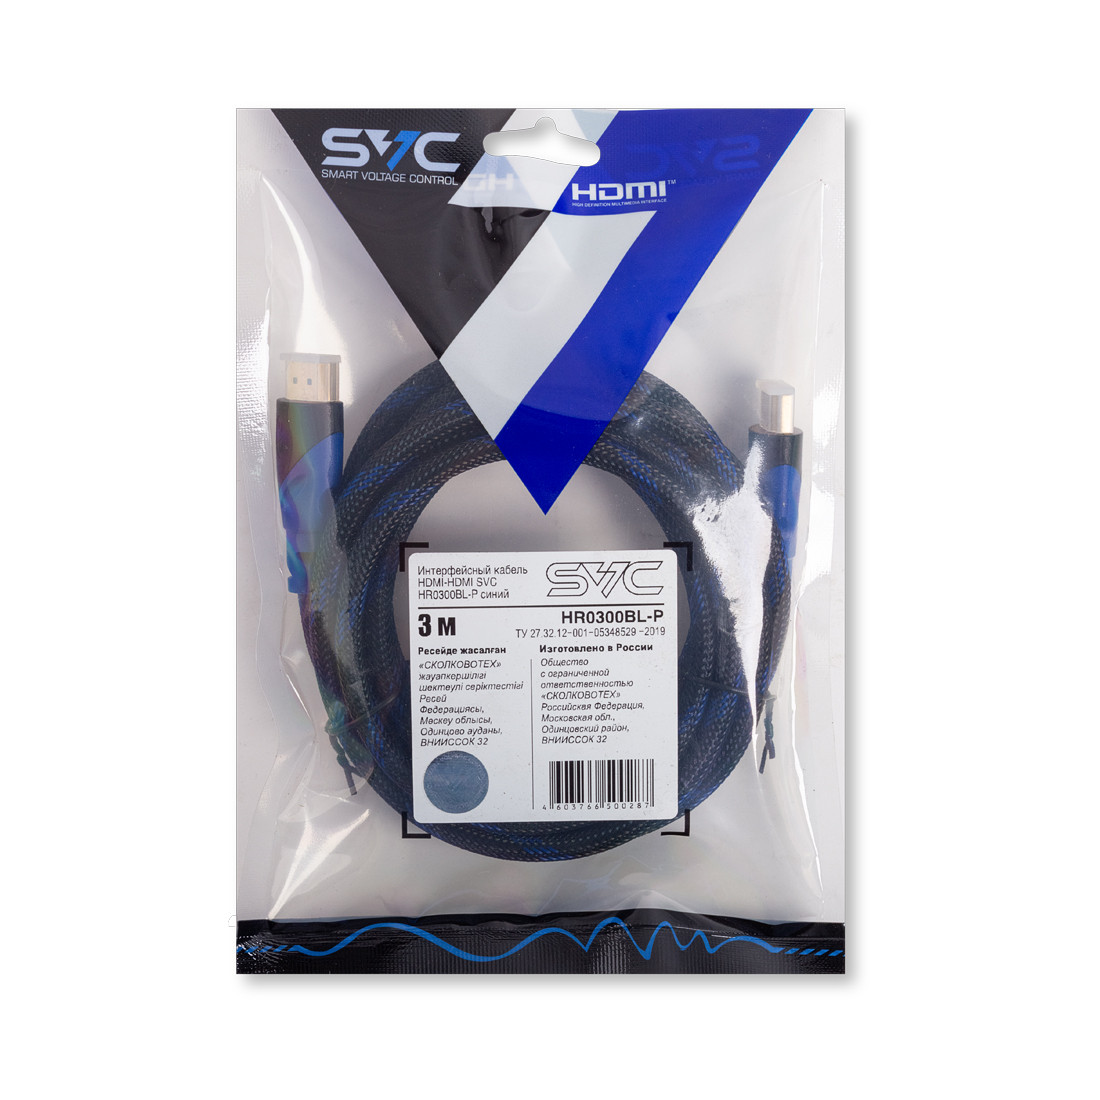 Интерфейсный кабель HDMI-HDMI SVC HR0300BL-P, 30В, Синий, Пол. пакет, 3 м